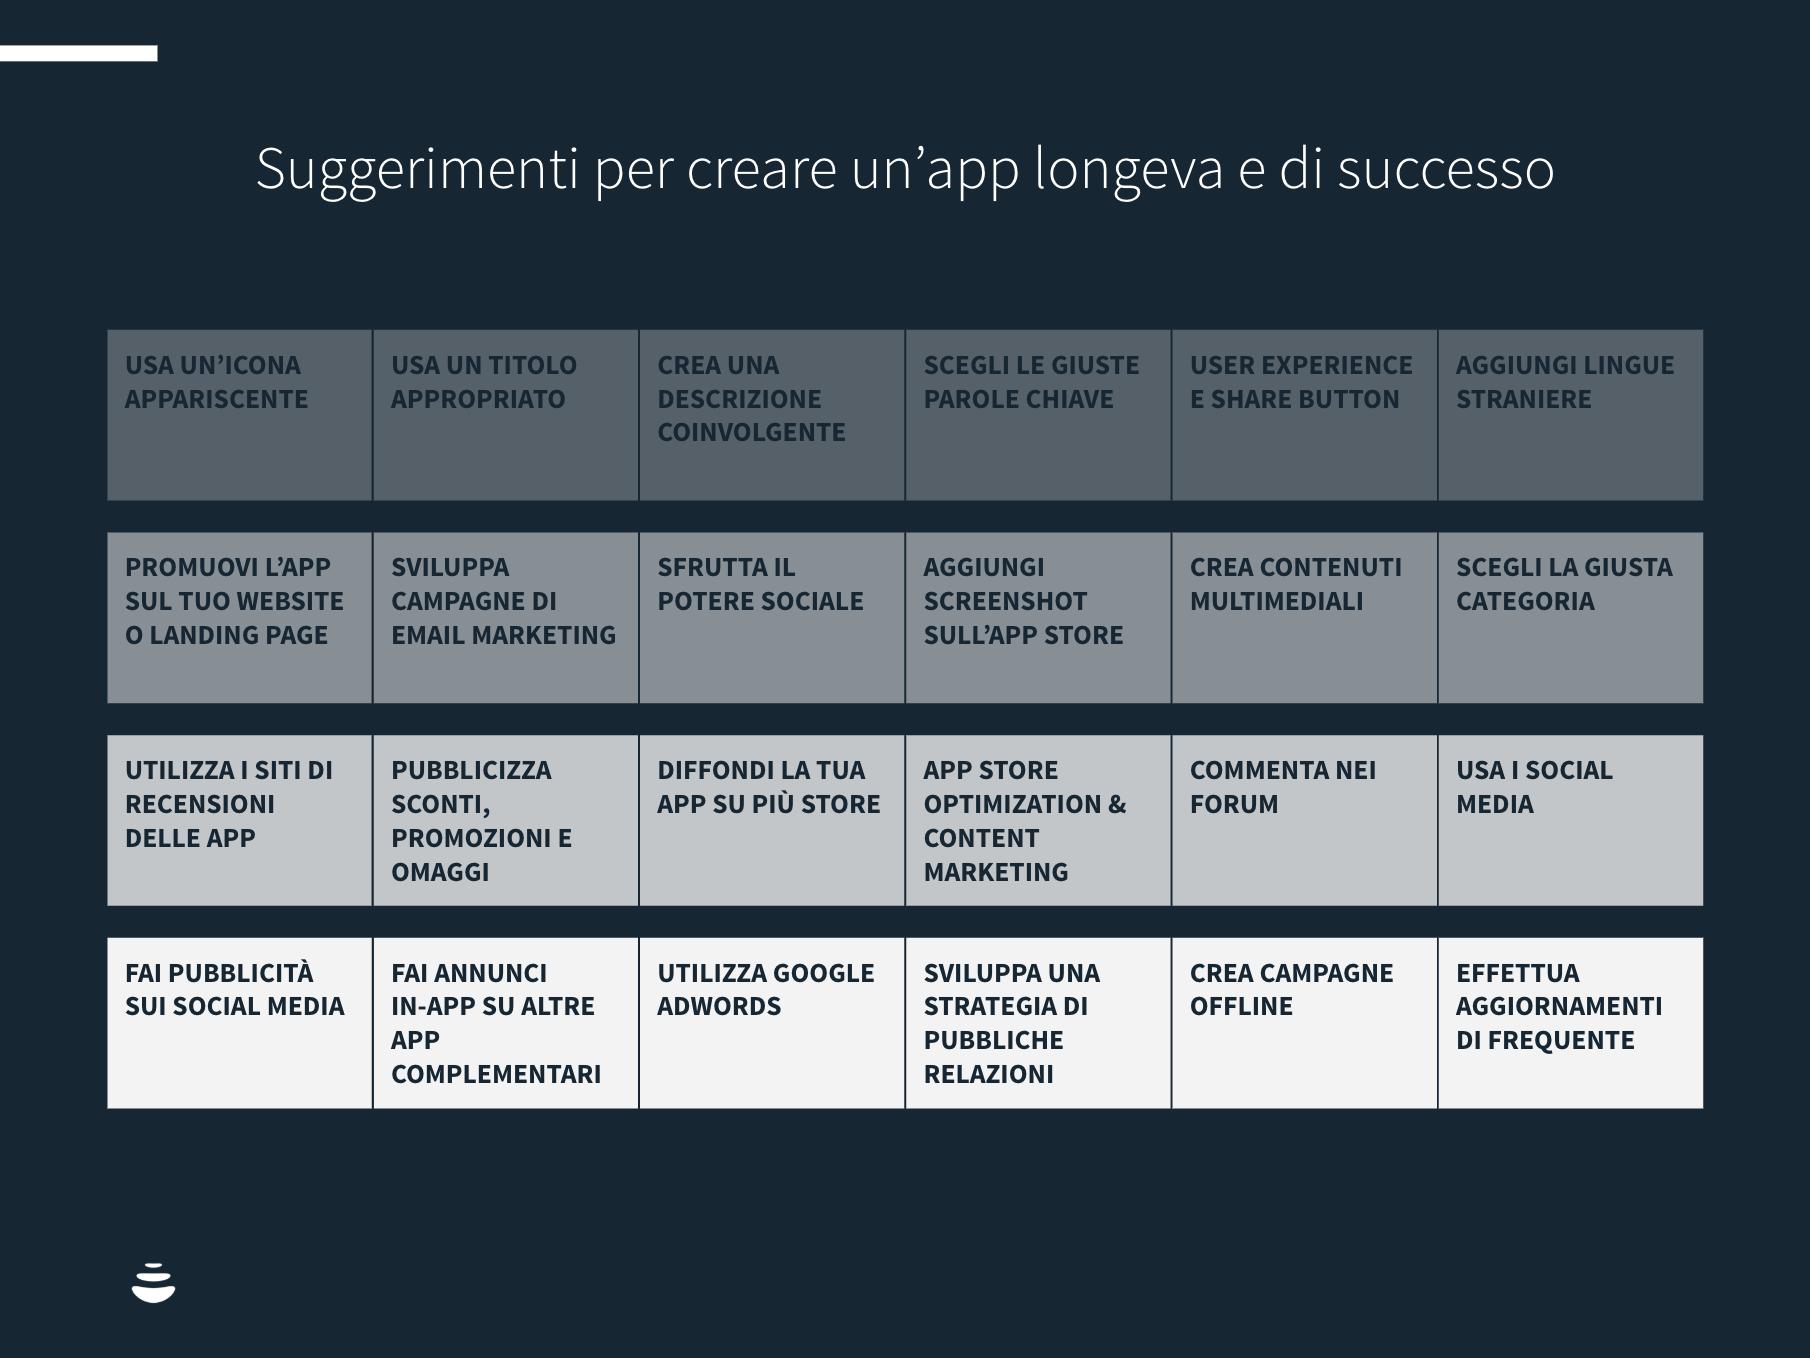 Suggerimenti per creare un'app longeva e di successo